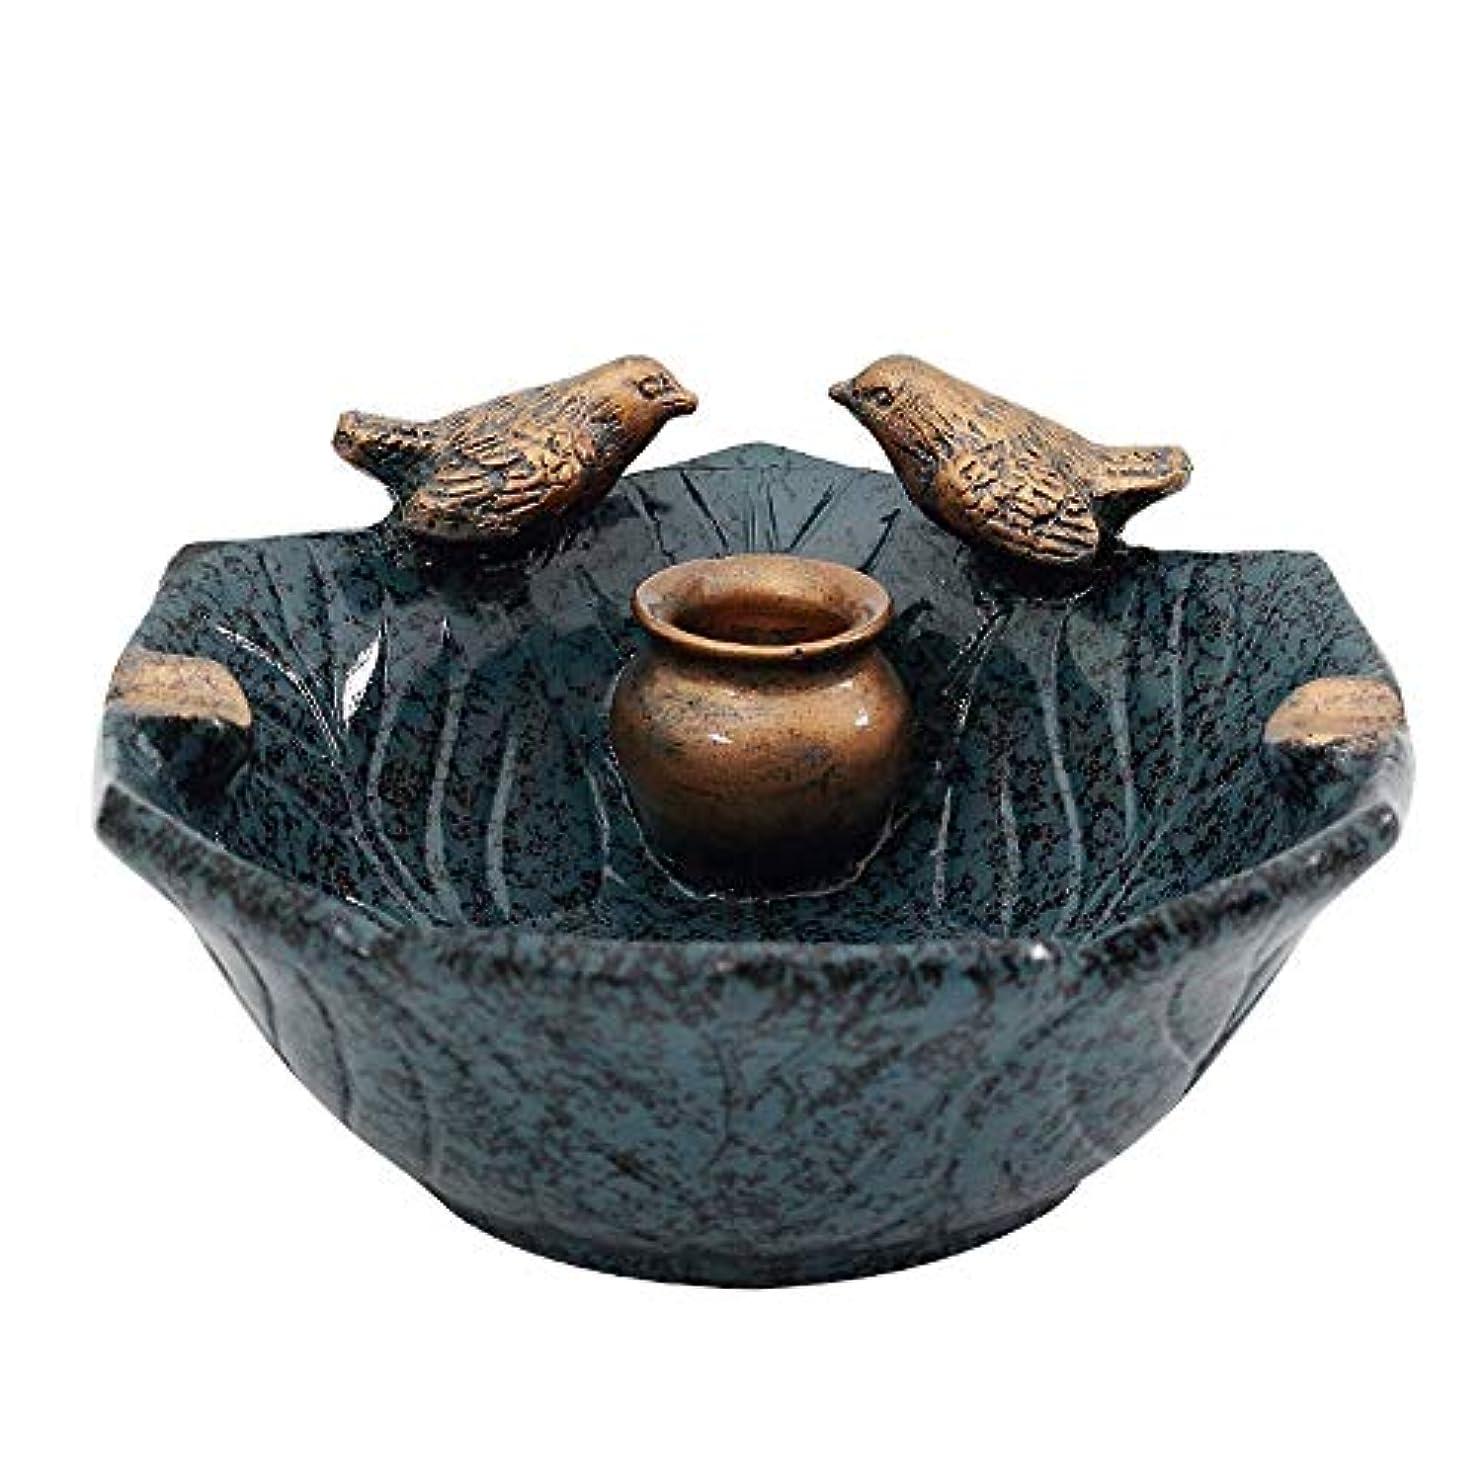 ガウンホステスインタフェースタバコ、ギフトおよび総本店の装飾のための灰皿丸い光沢のある灰皿(青)